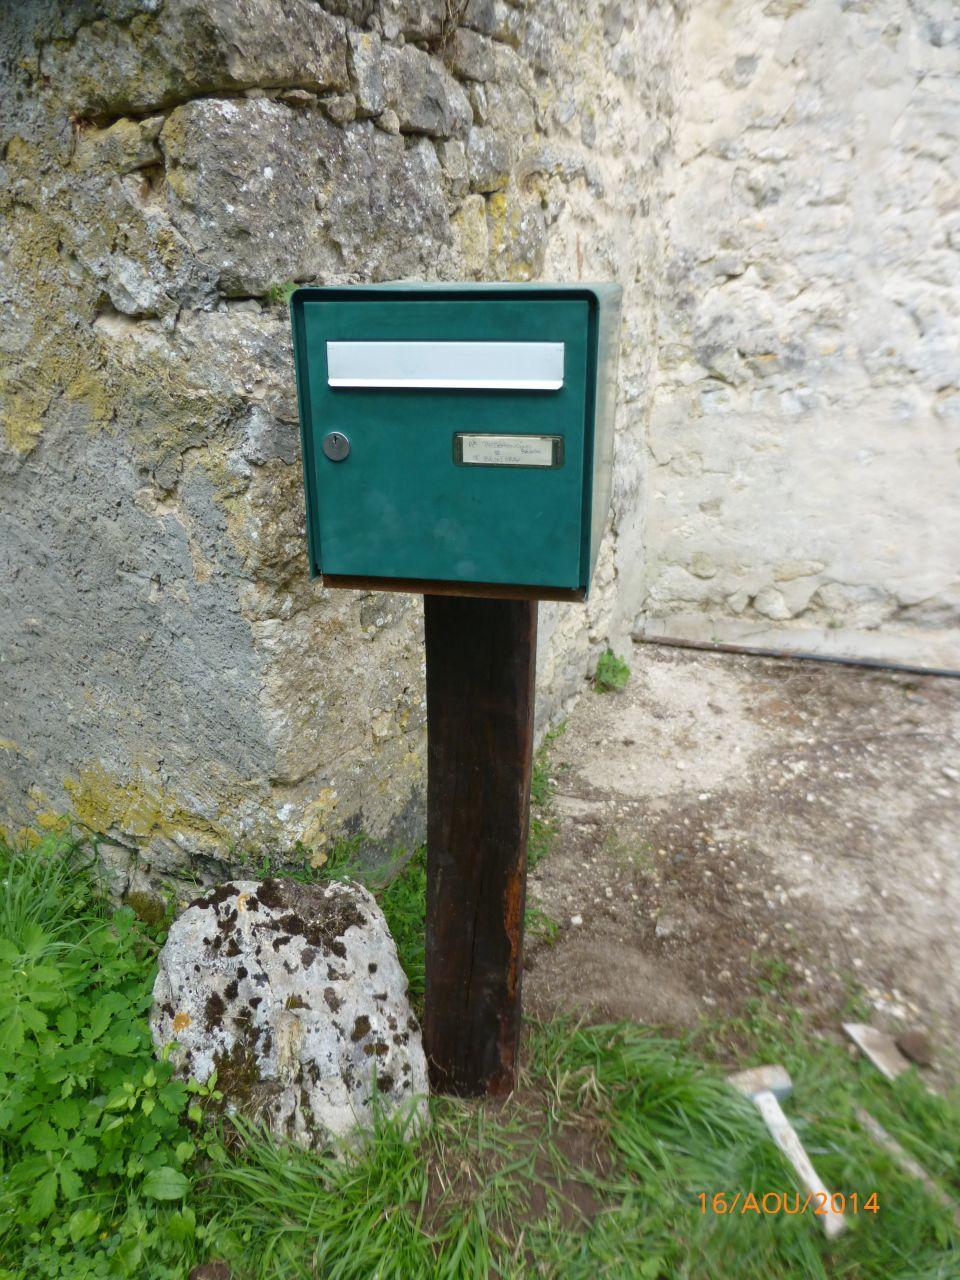 un poil d'imagination/bricolage, une boite d'occasion, une vieille poutre et un gros caillou, nous voila avec une vrai boite au lettre